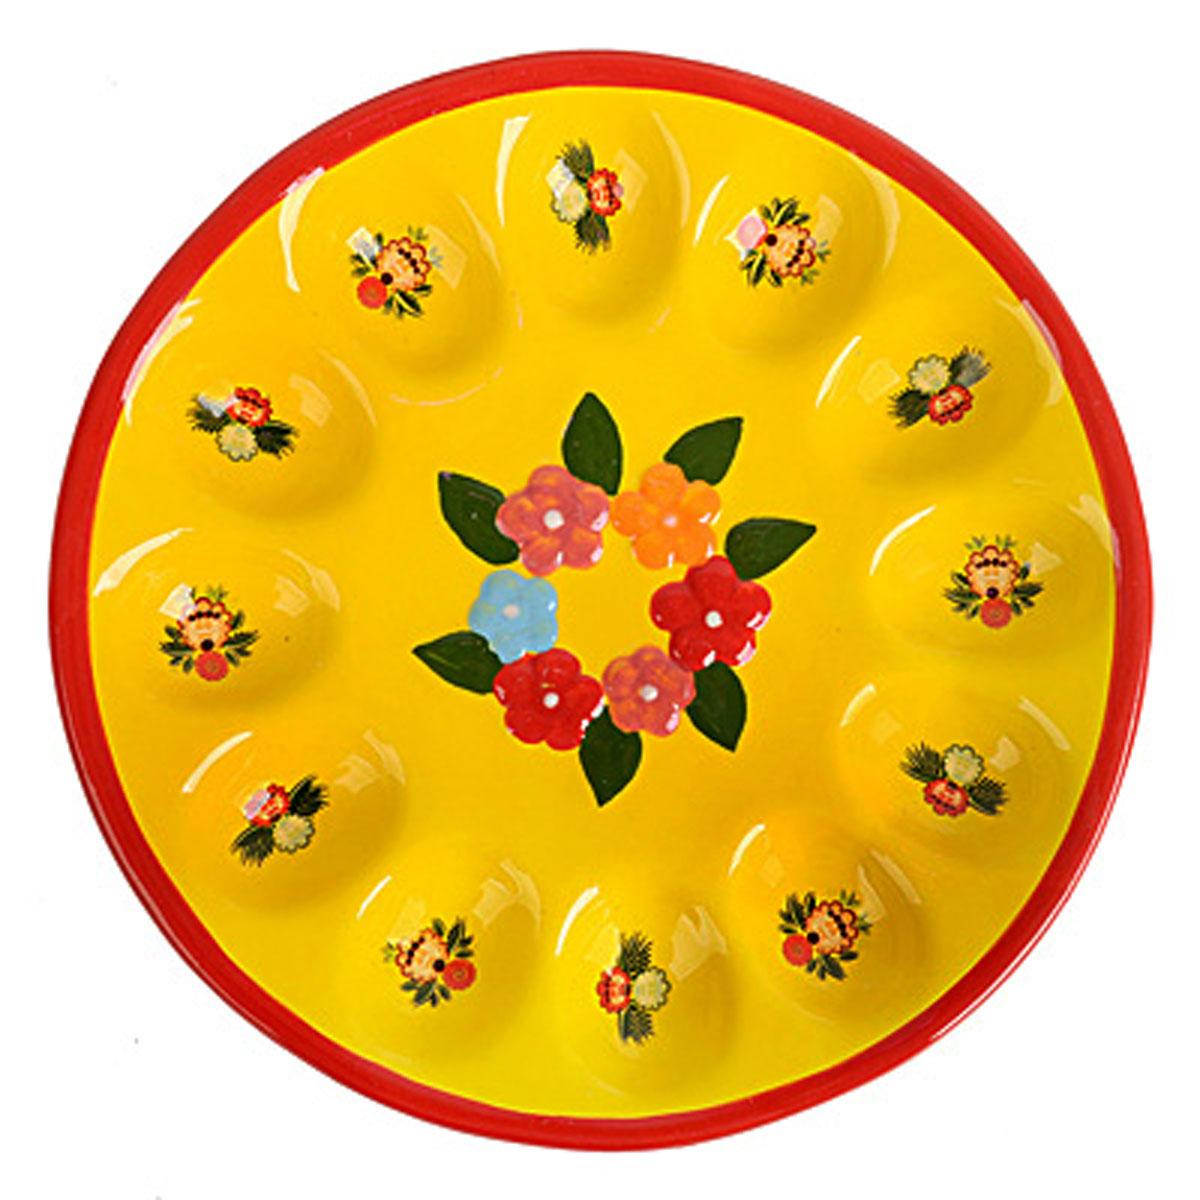 Подставка под яйца Home Queen Цветочные узоры, цвет: желтый, красный, 12 ячеек66723Подставка Home Queen Цветочные узоры станет оригинальным украшением праздничного стола на Пасху. Изделие изготовлено из керамики и служит держателем для яиц. Подставка выполнена в виде круглой тарелки с 12 ячейками для яиц и декорирована красивым цветочным изображением и рельефным рисунком. Подставка Home Queen Цветочные узоры может стать красивым пасхальным подарком для друзей или близких. Размер подставки: 22,5 см х 22,5 см х 3 см. Размер ячейки: 5 см х 3,5 см.